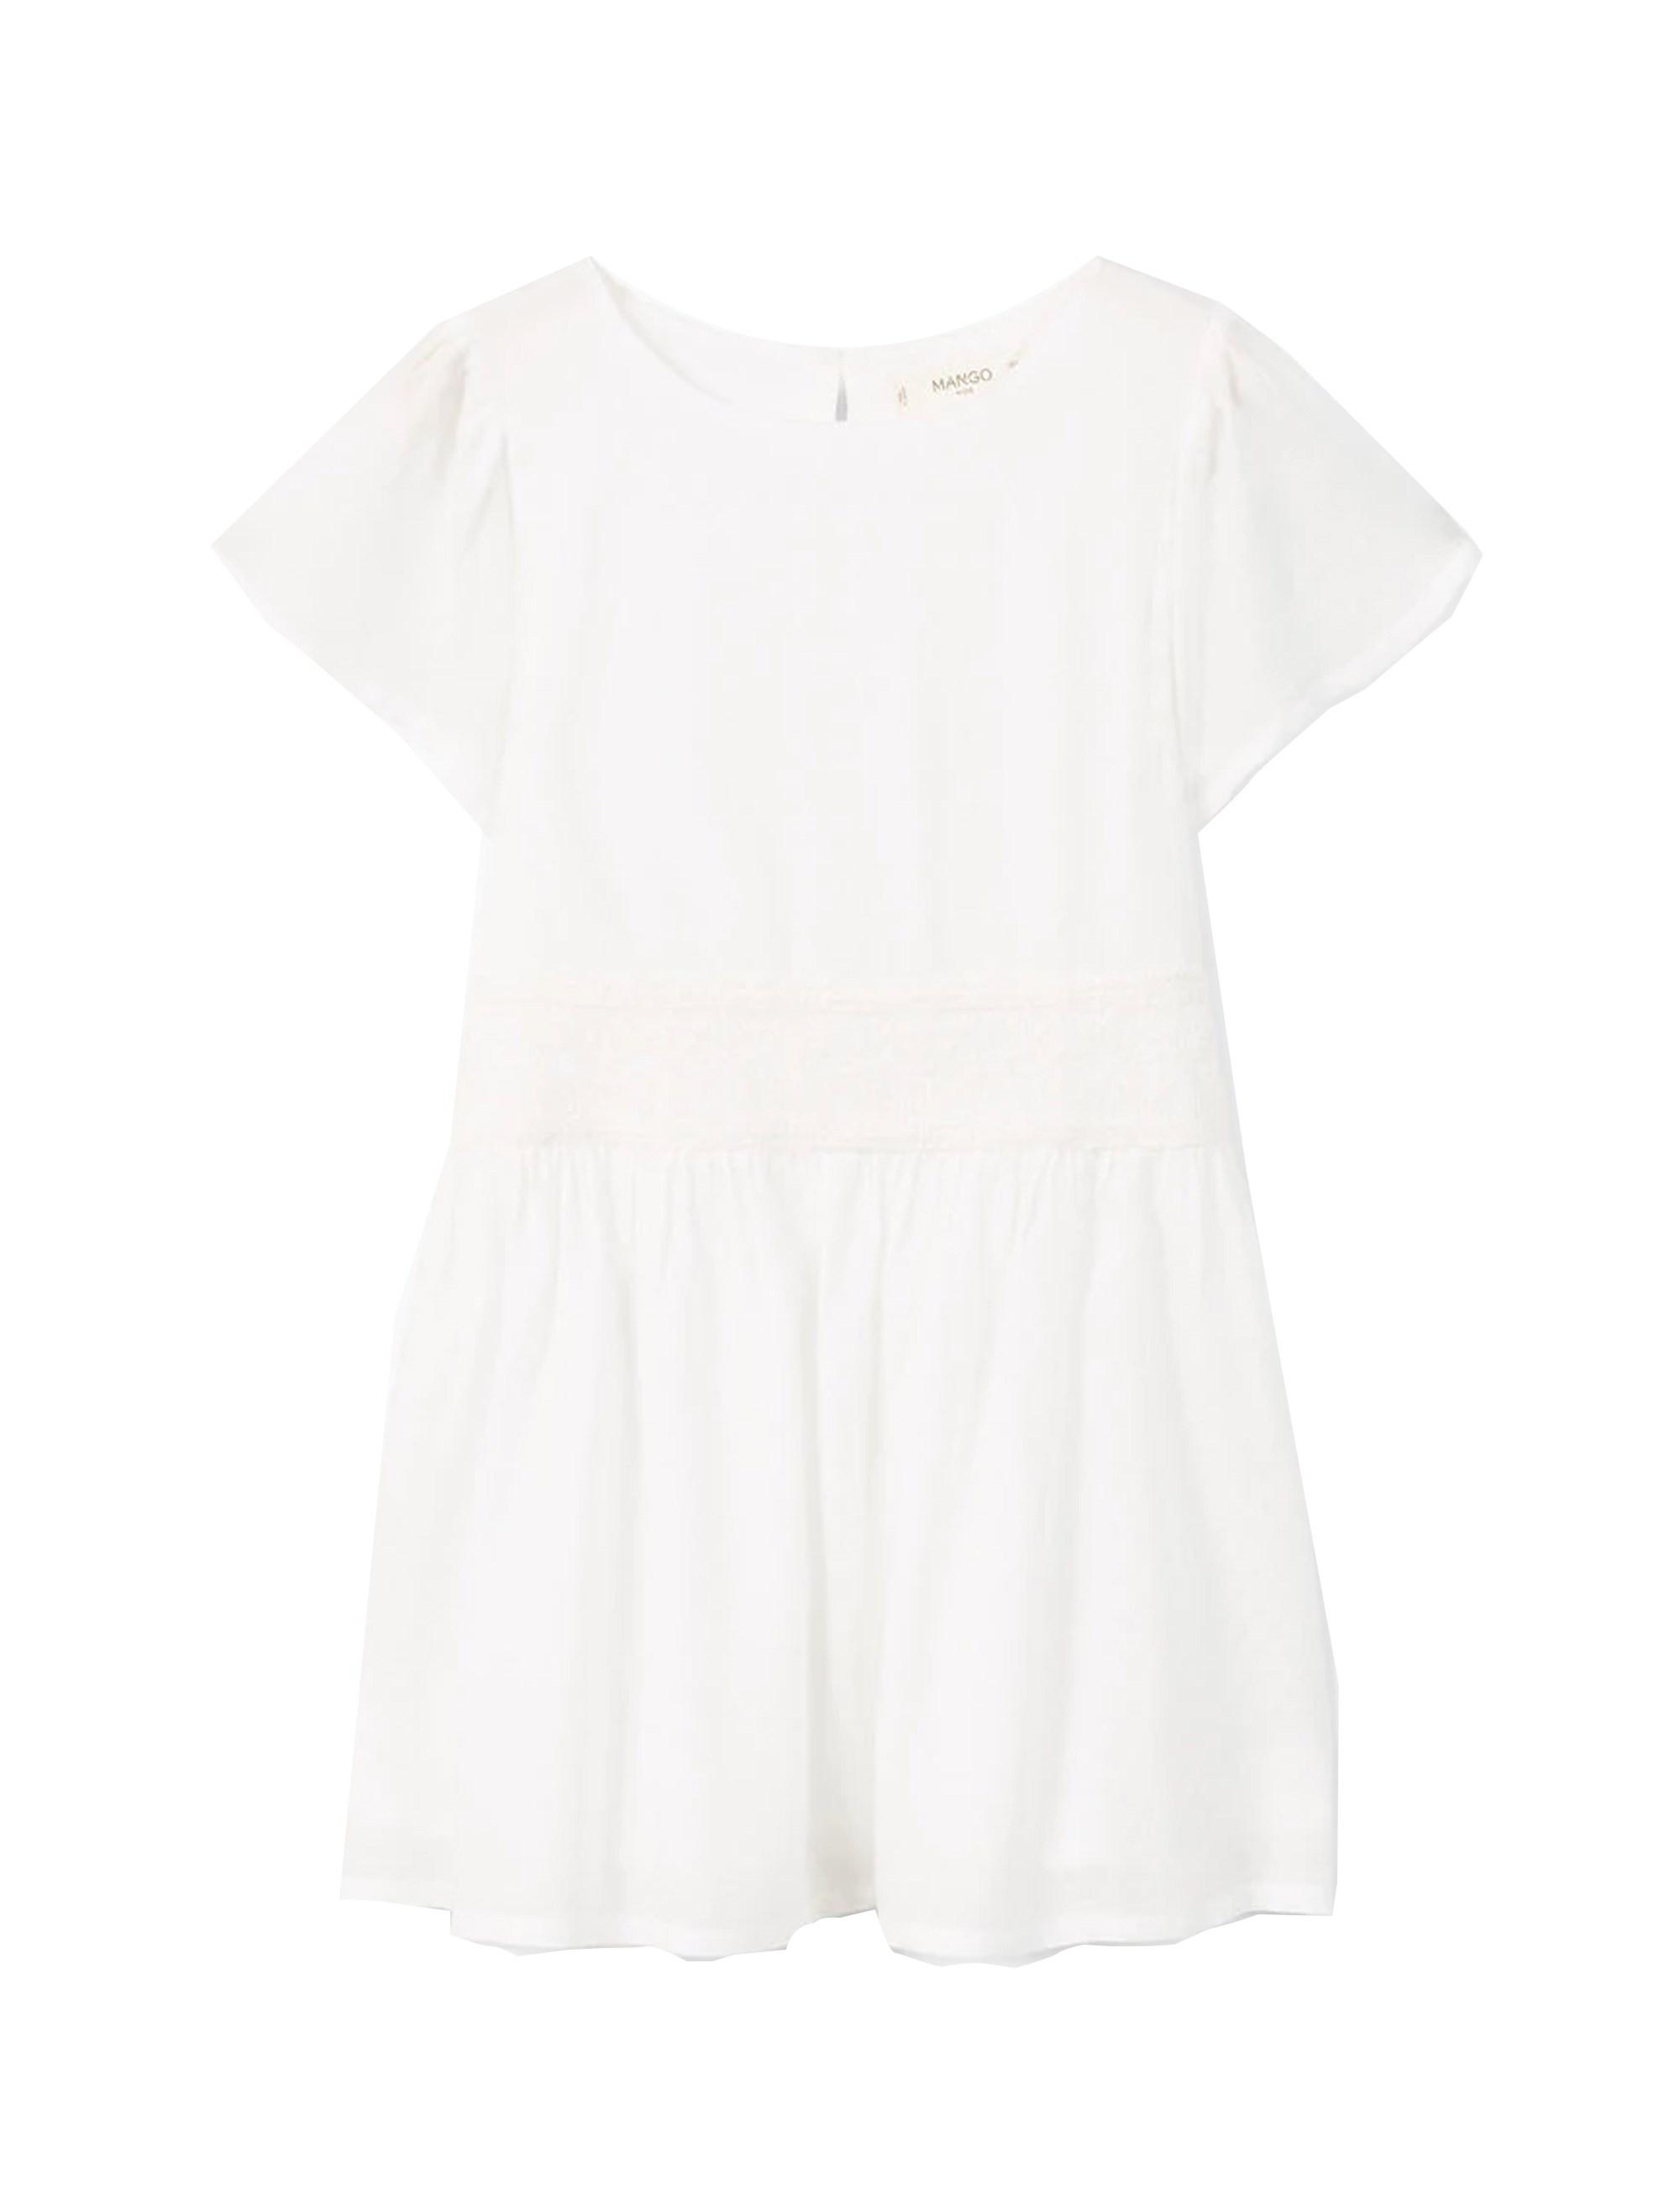 پیراهن ویسکوز روزمره دخترانه - مانگو